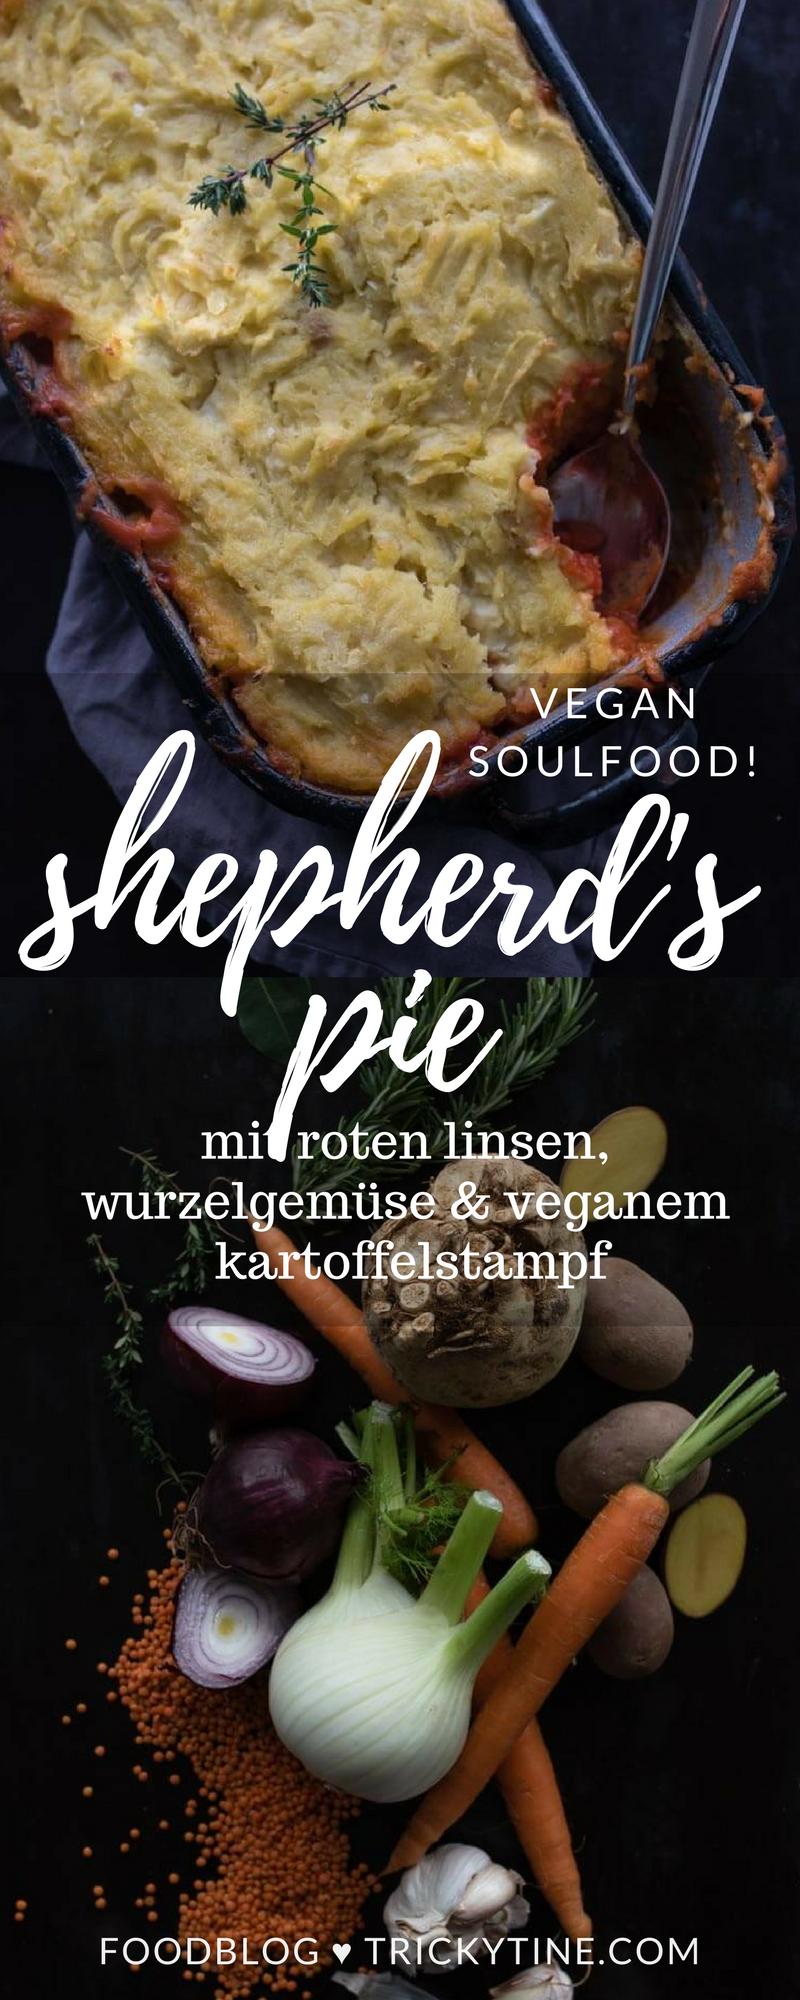 Veganer Shepherd's Pie mit roten Linsen, Möhren, roter Bete und Kartoffel-Sellerie-Stampf #shepardspie